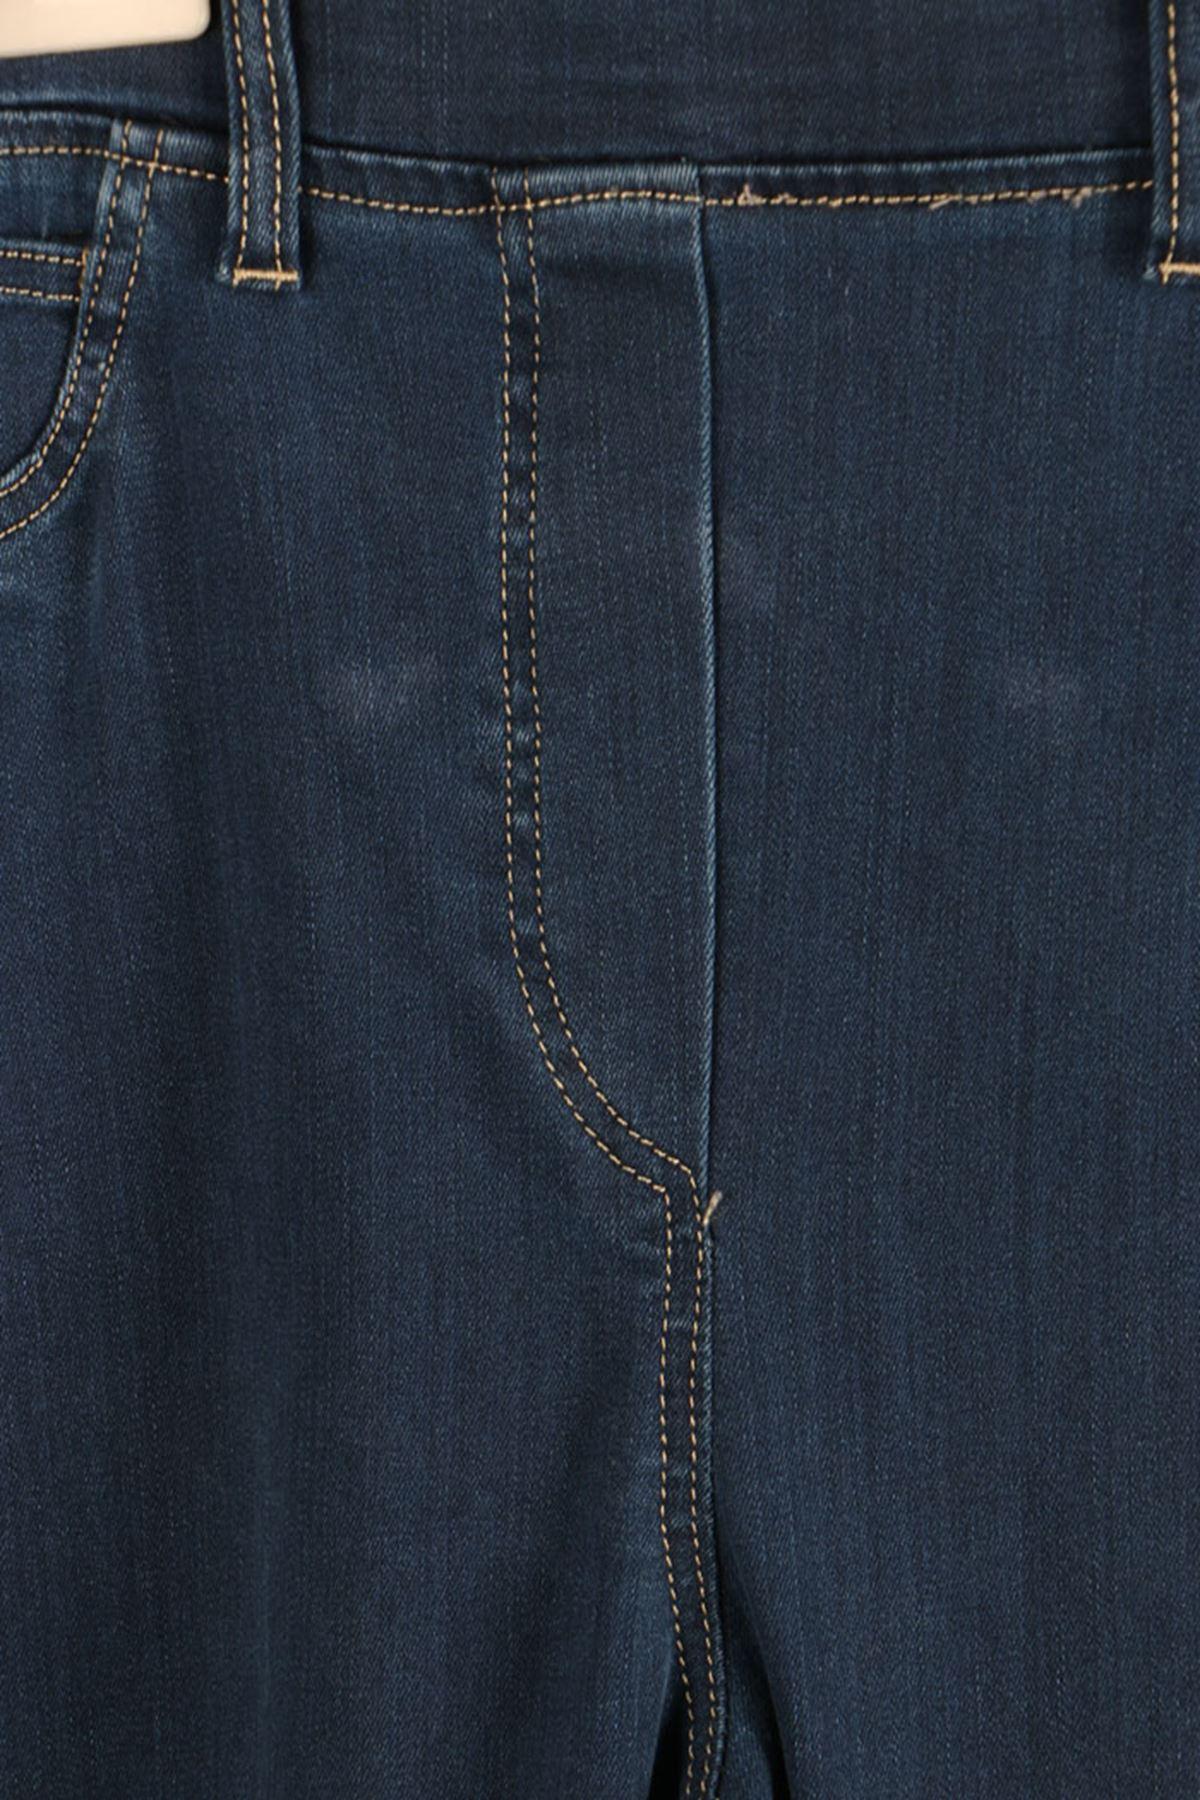 D-9137-3 Büyük Beden Defolu Beli Lastikli İspanyol Paça Kot Pantalon-Açık Mavi